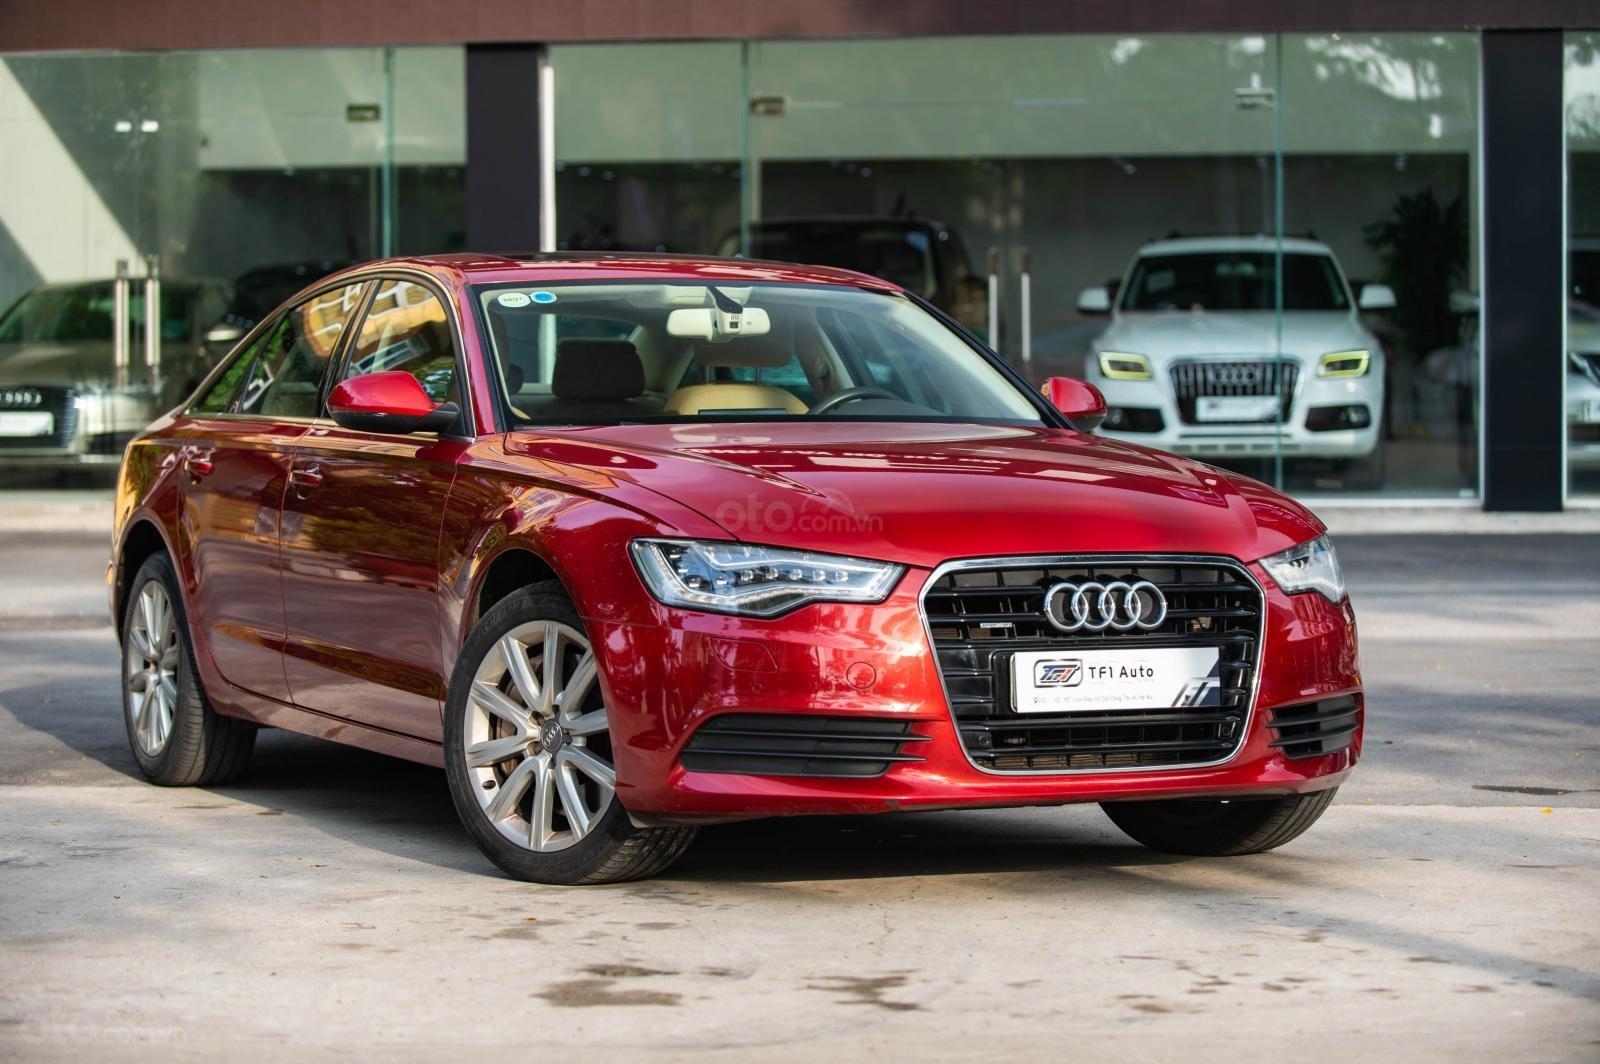 Bán Audi A6 3.0 TFSI Quattro, sản xuất 2014, đăng ký 2015, màu đỏ (6)